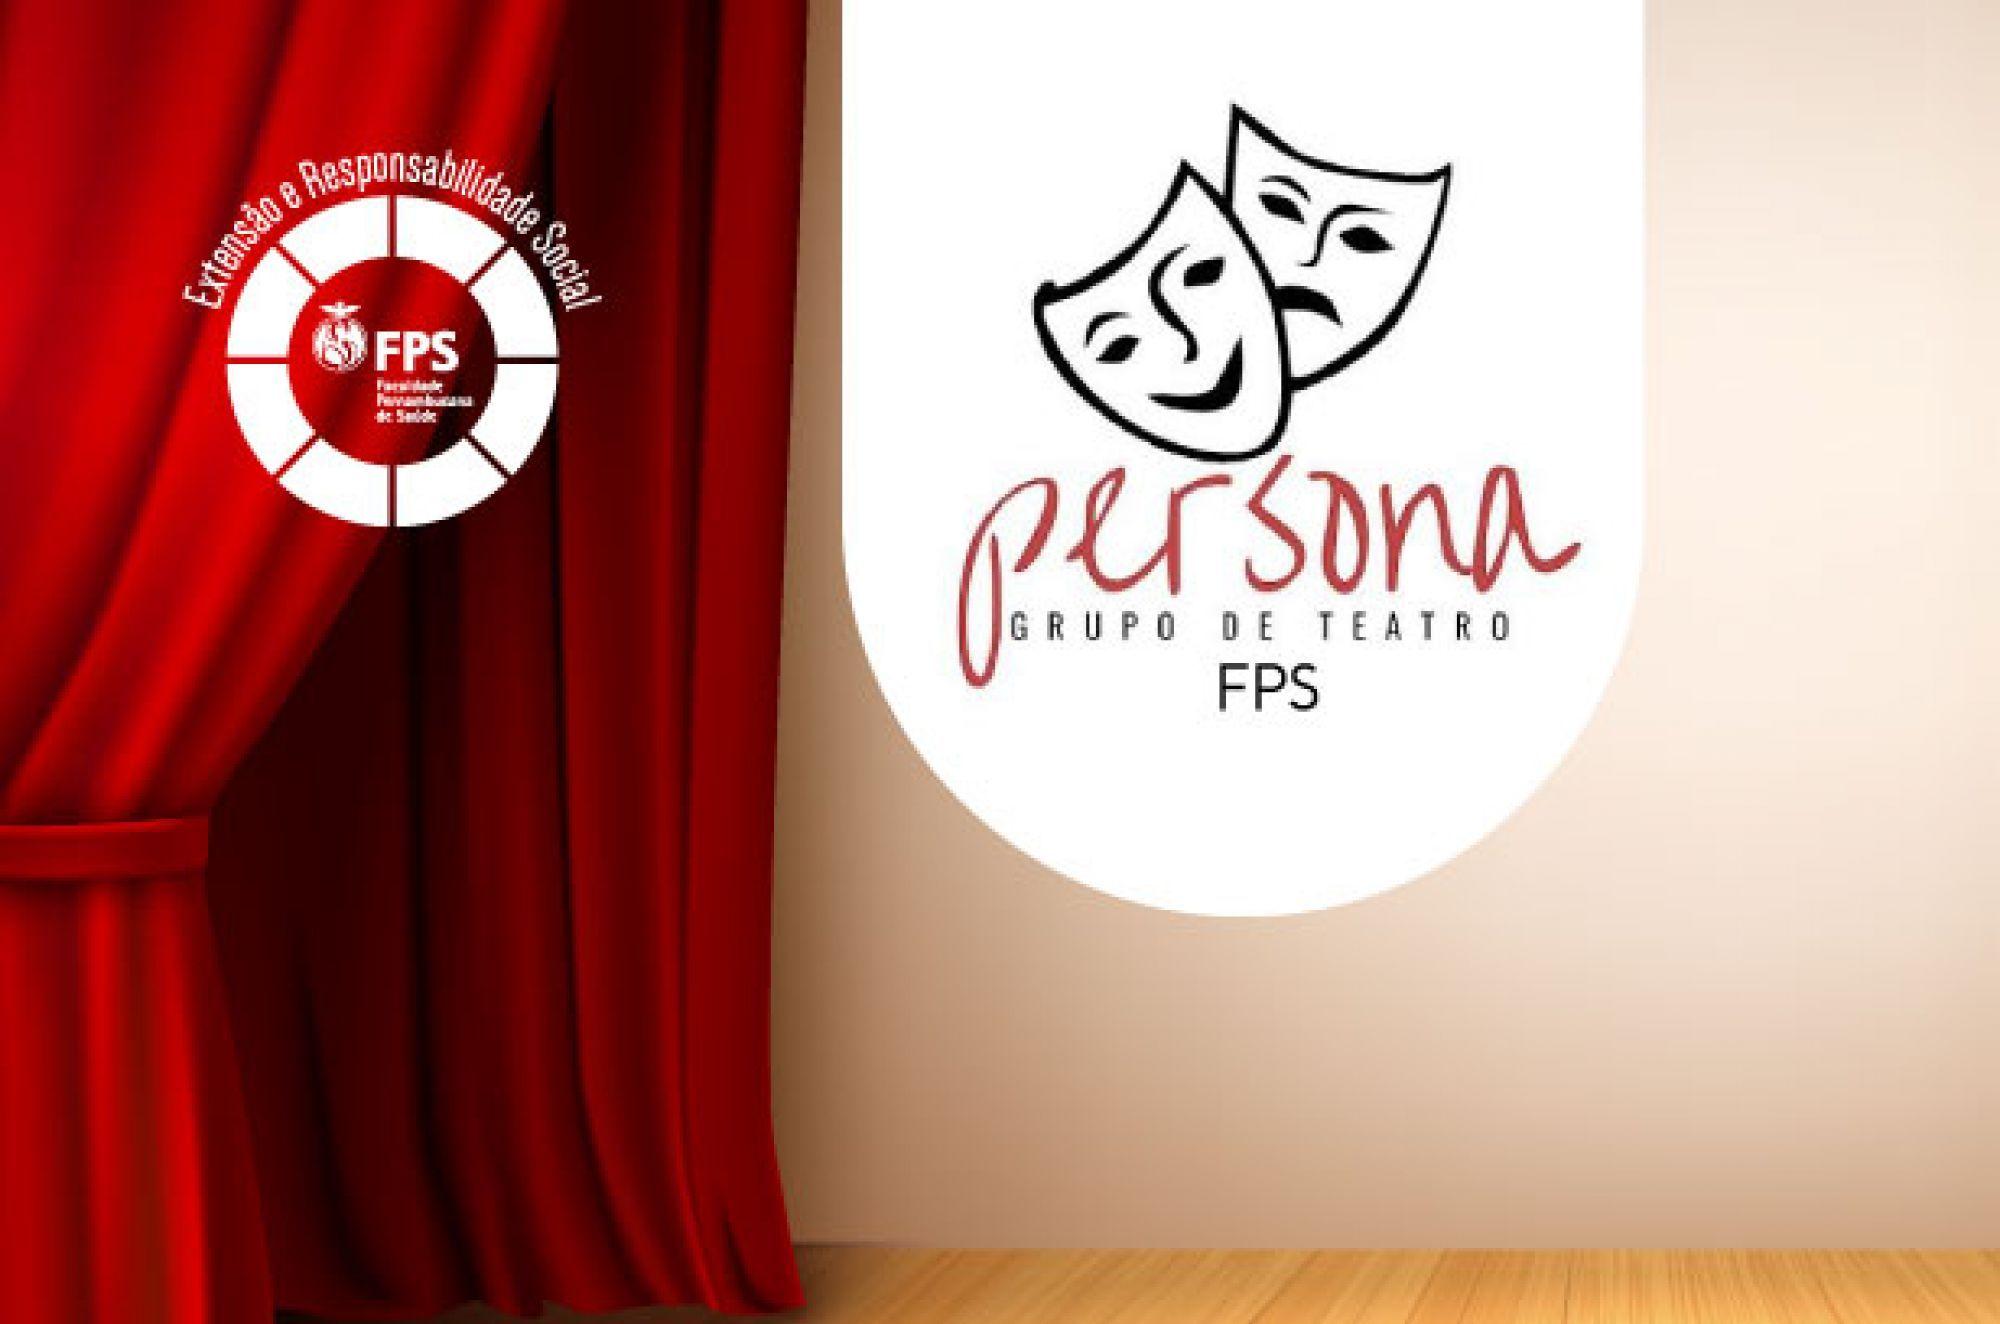 Oficina de Teatro FPS - III Edição - Resultado